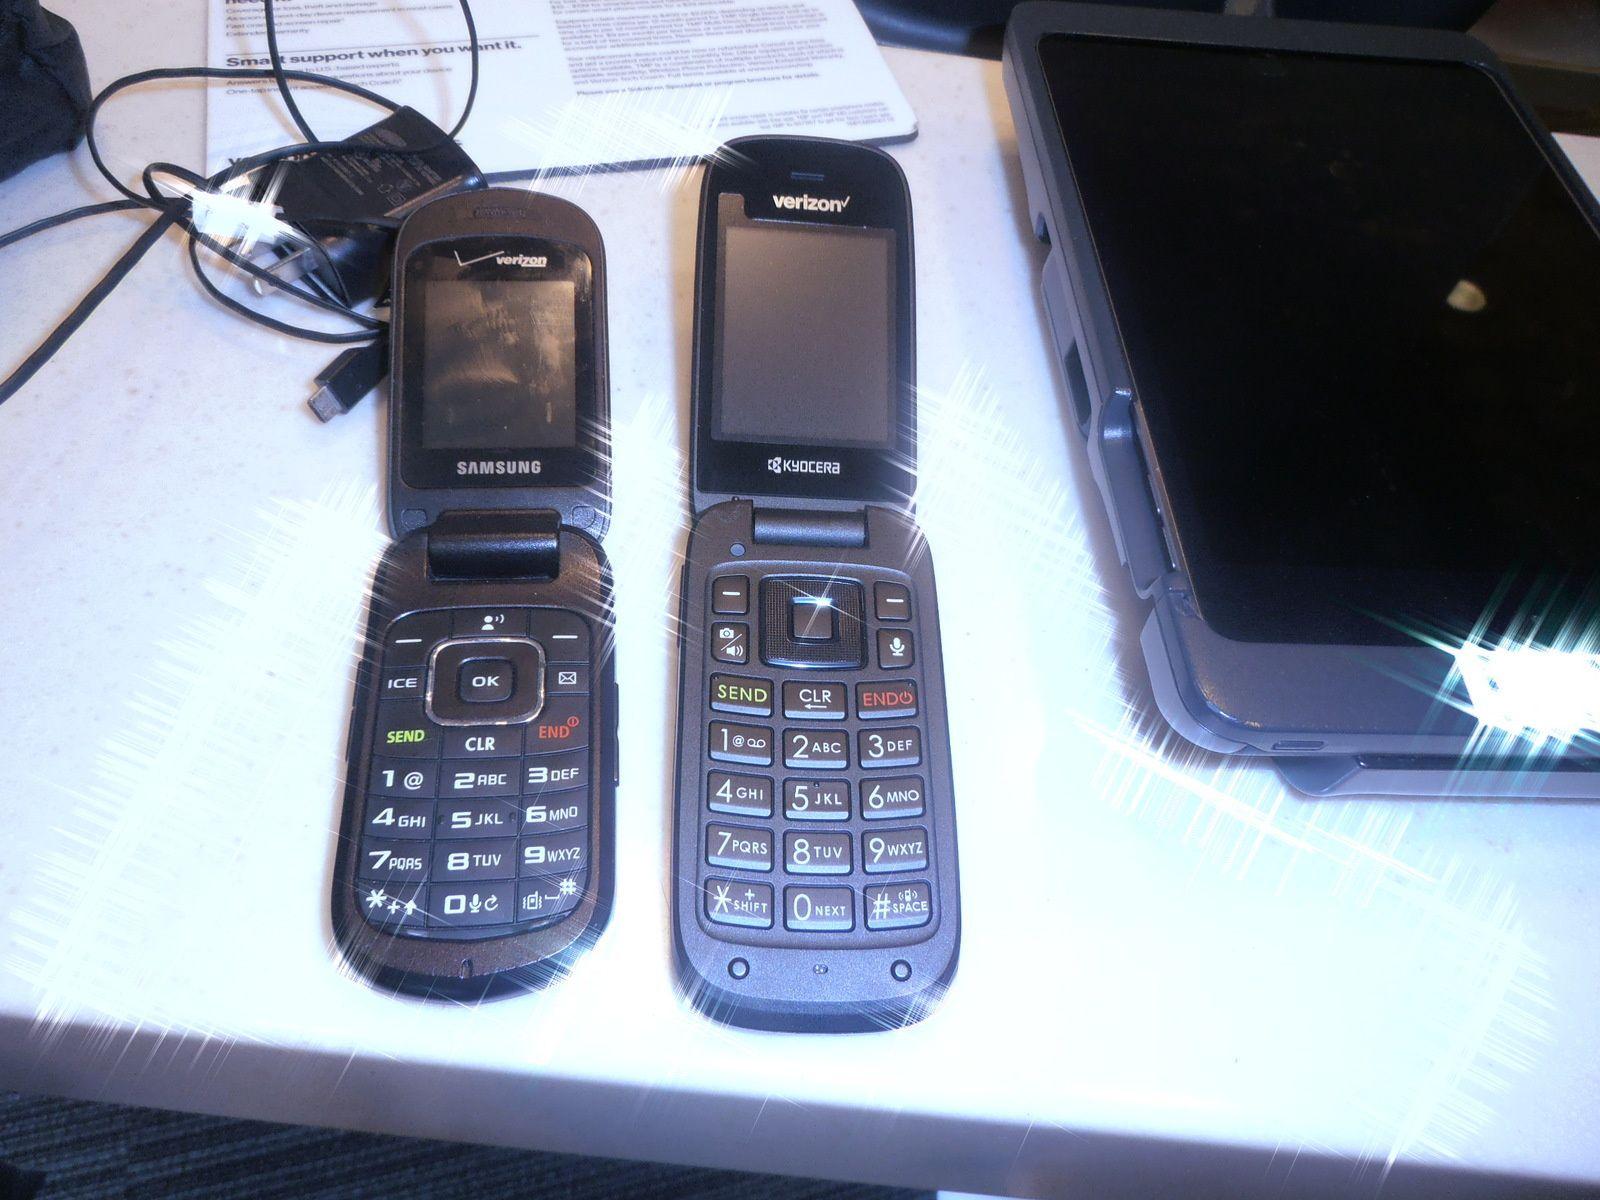 Mon téléphone (à gauche) semblant être en panne, je me suis rendu au magasin de la compagnie qui me l'avait vendu. Là, j'ai appris que la société Verizon qui les commercialisait, n'en assurait plus le service. Formidable ! Ne voulant pas d'un appareil sophistiqué, c'est celui de droite qui m'a été vendu. Décidément, cette société de gâchis ne me convient pas !